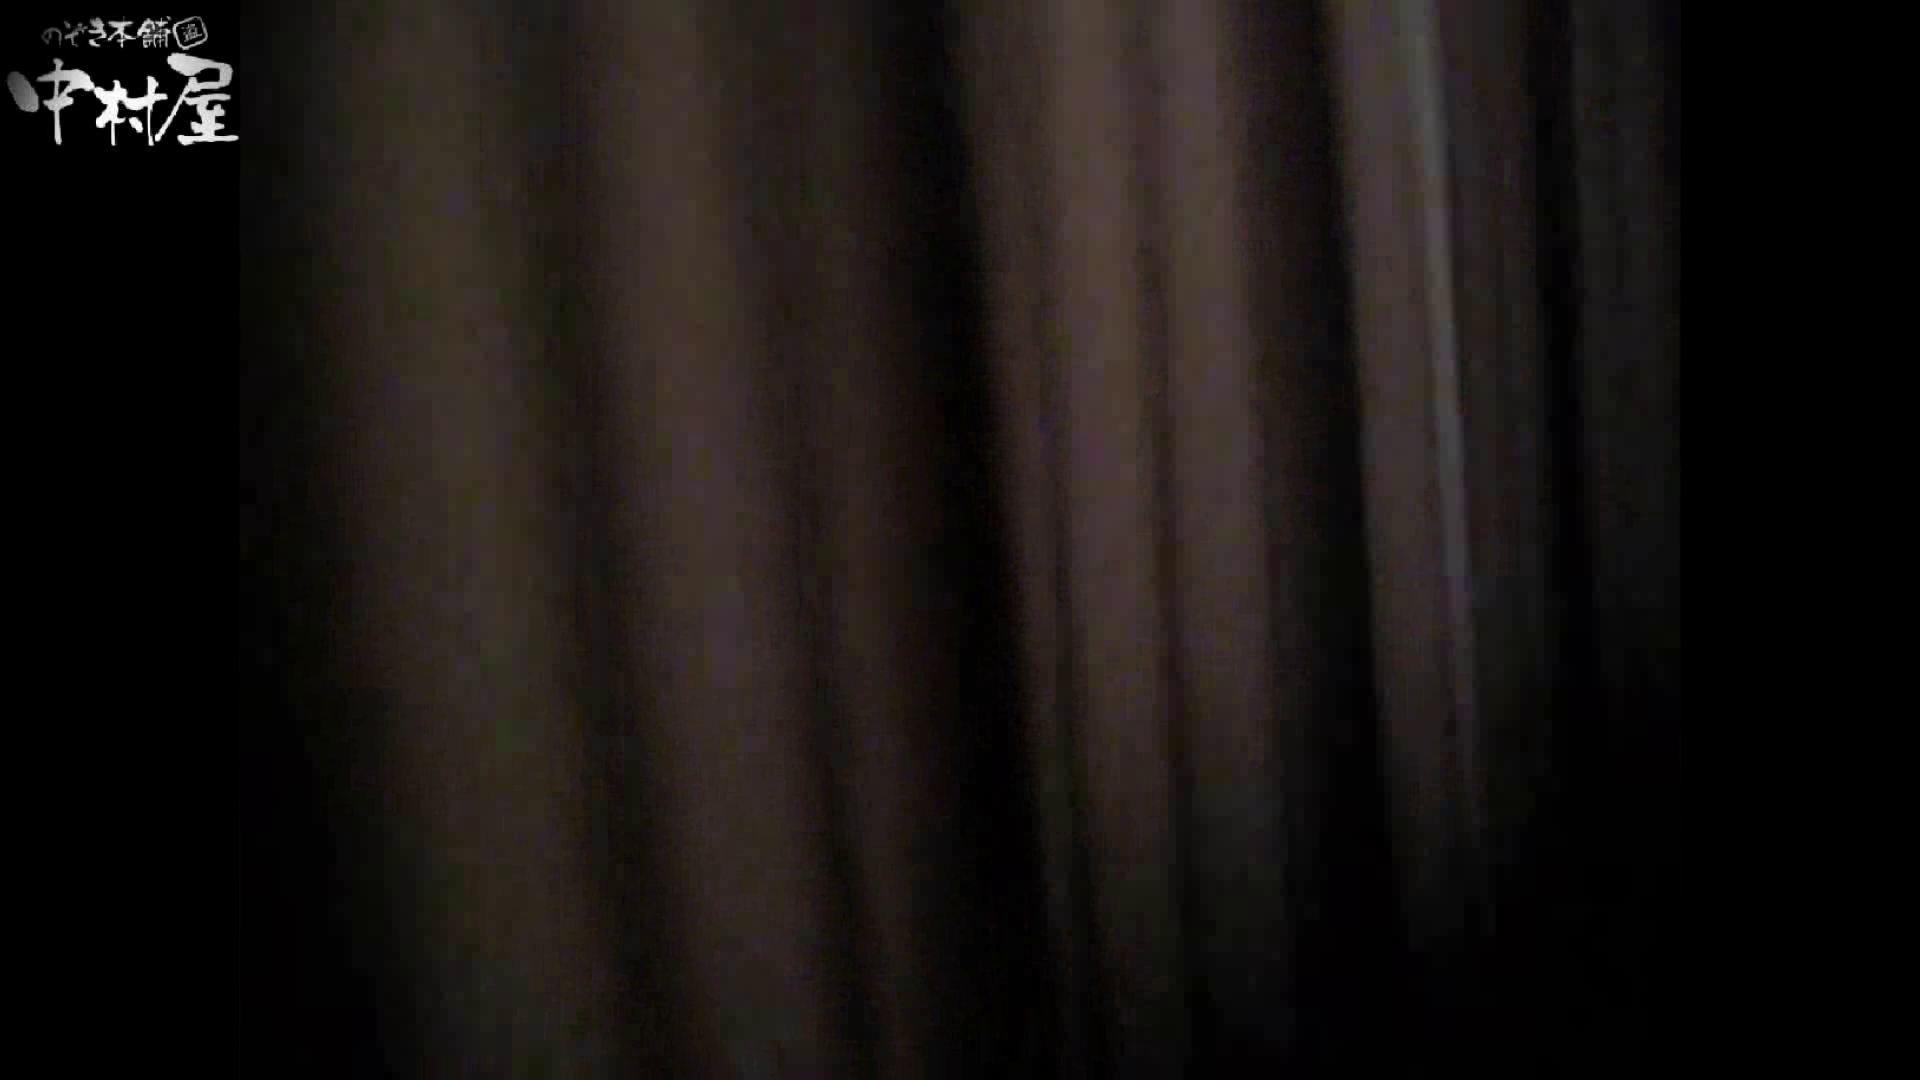 民家風呂専門盗撮師の超危険映像 vol.020 民家 すけべAV動画紹介 78pic 22